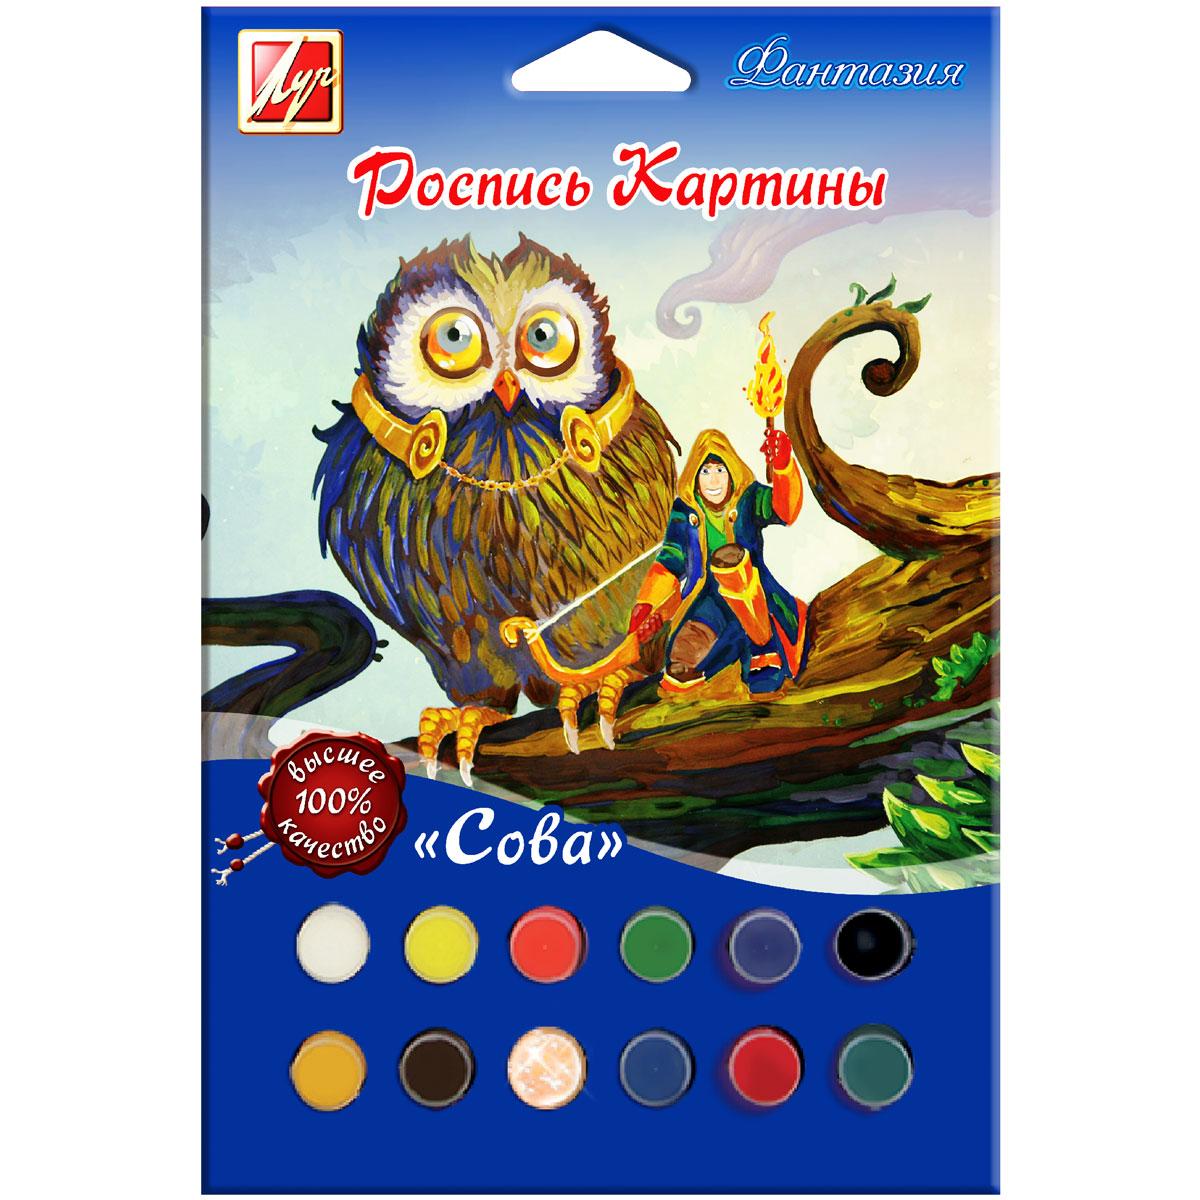 Луч Набор для росписи картины по номерам Сова